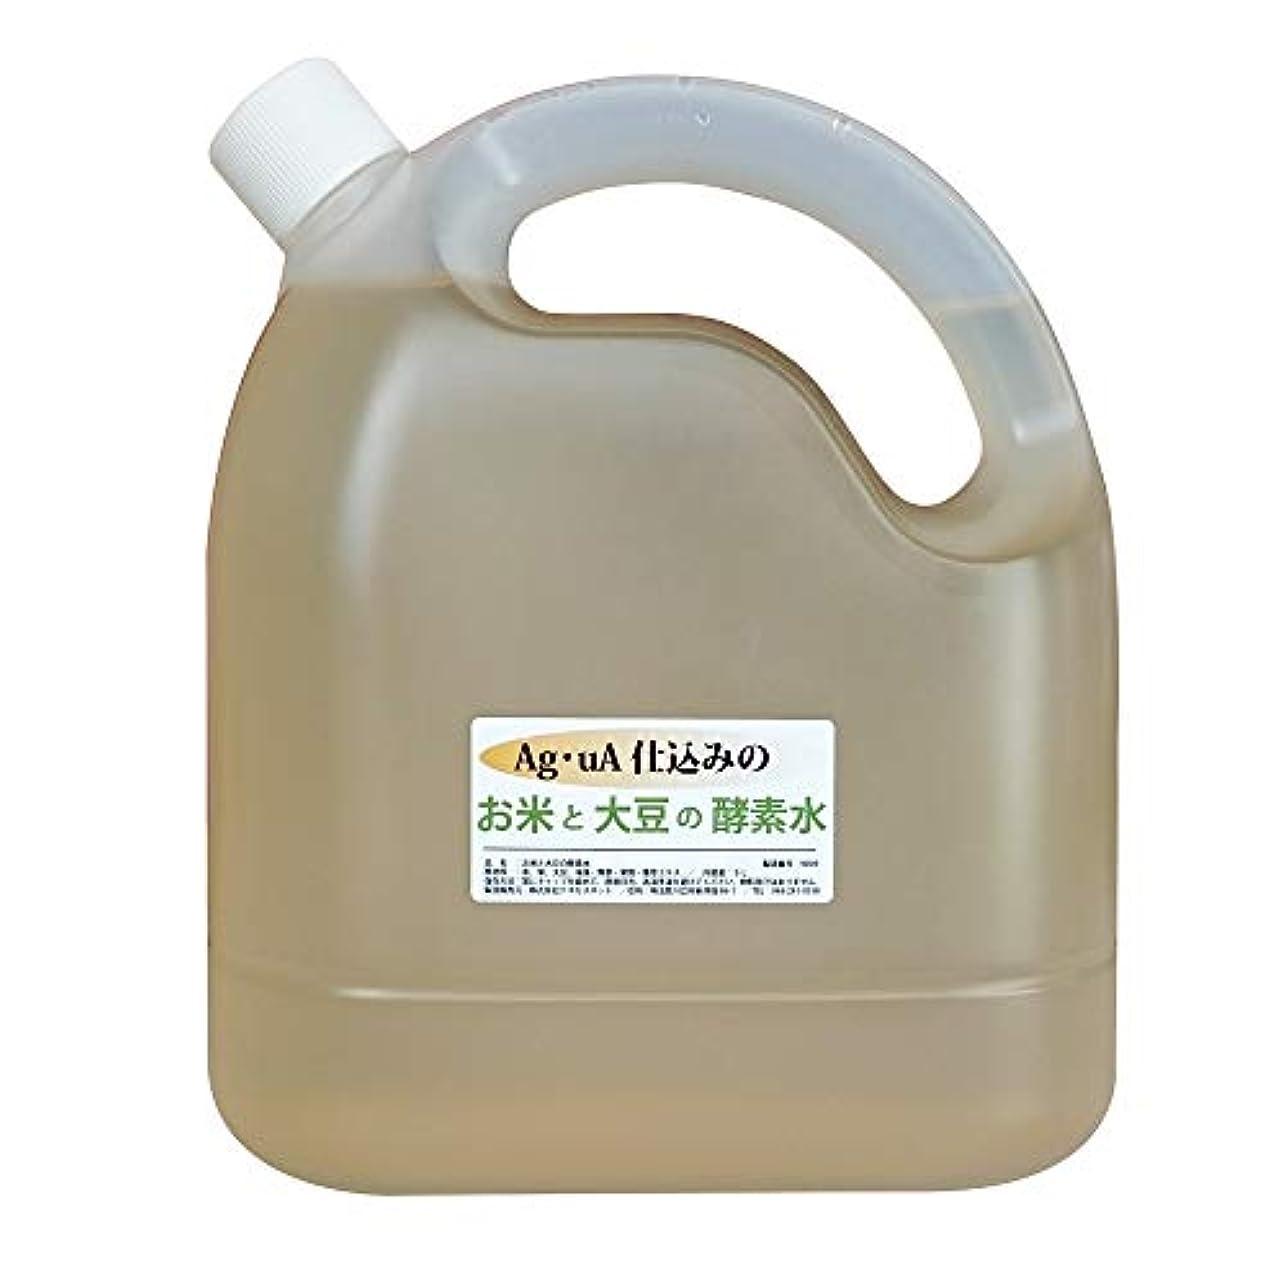 コメンテーター成熟誘うテネモス アグア仕込みのお米と大豆の酵素水 5リットル